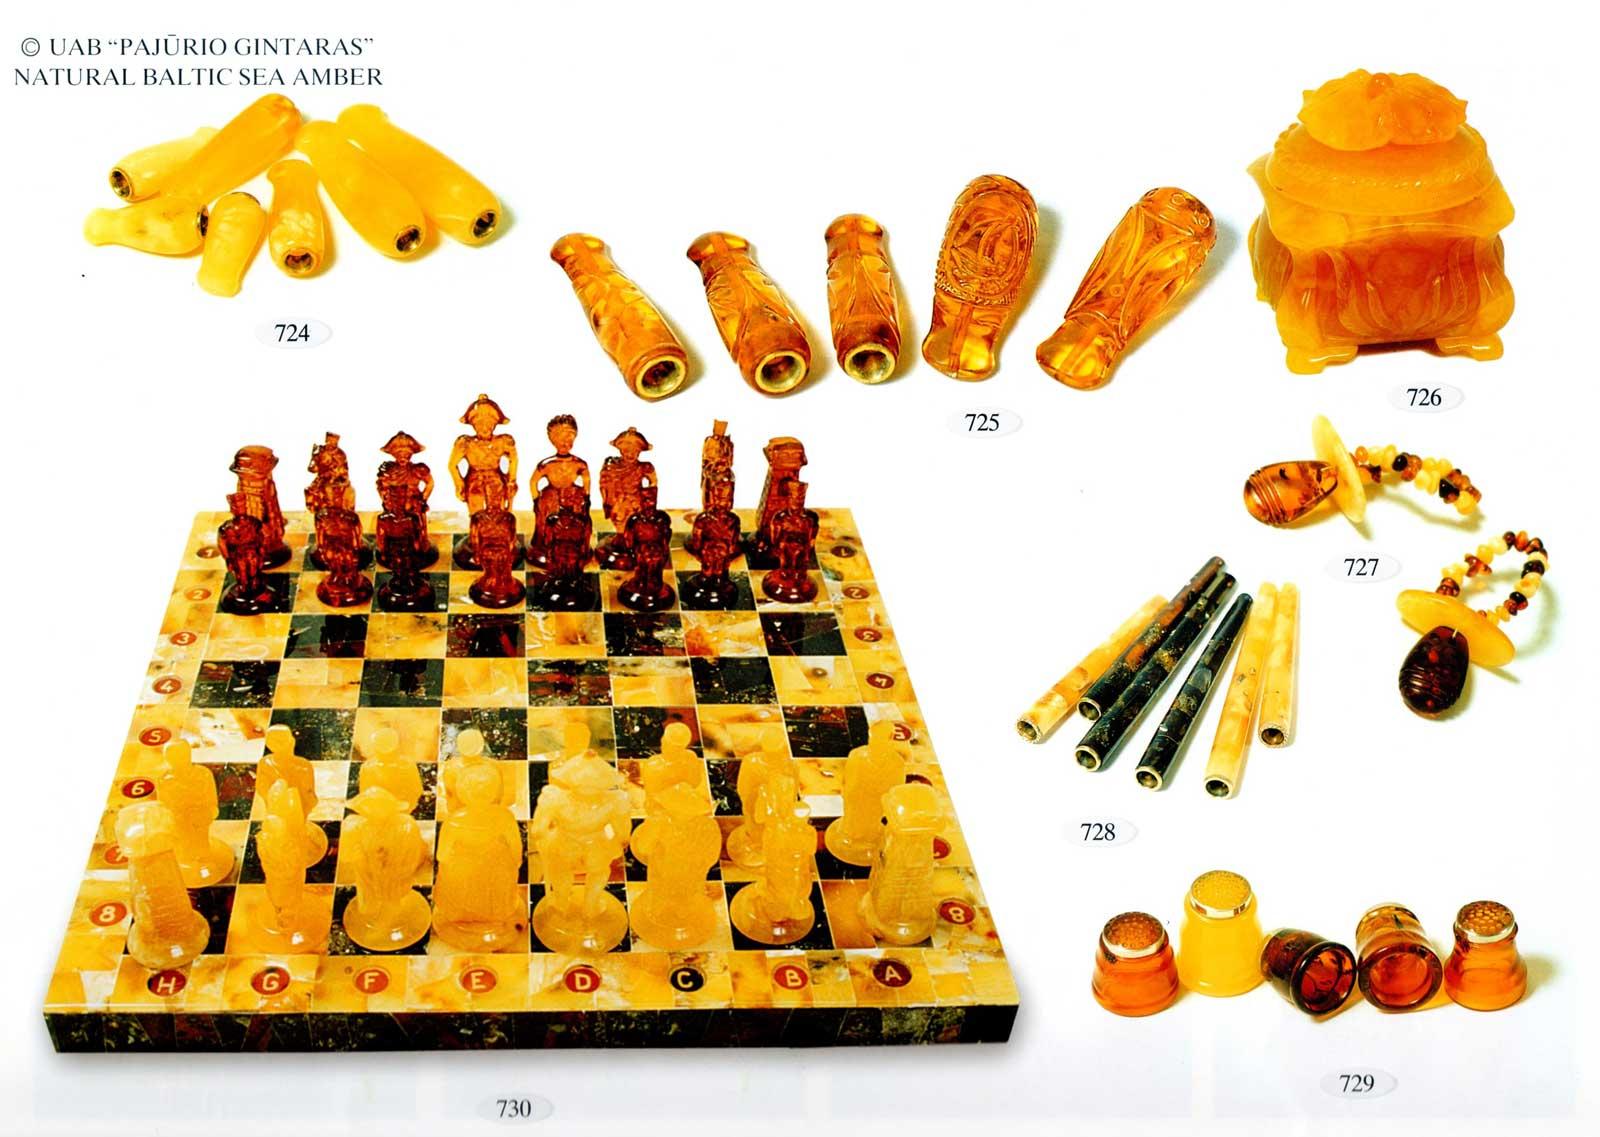 724-730 bernstein souvenirs